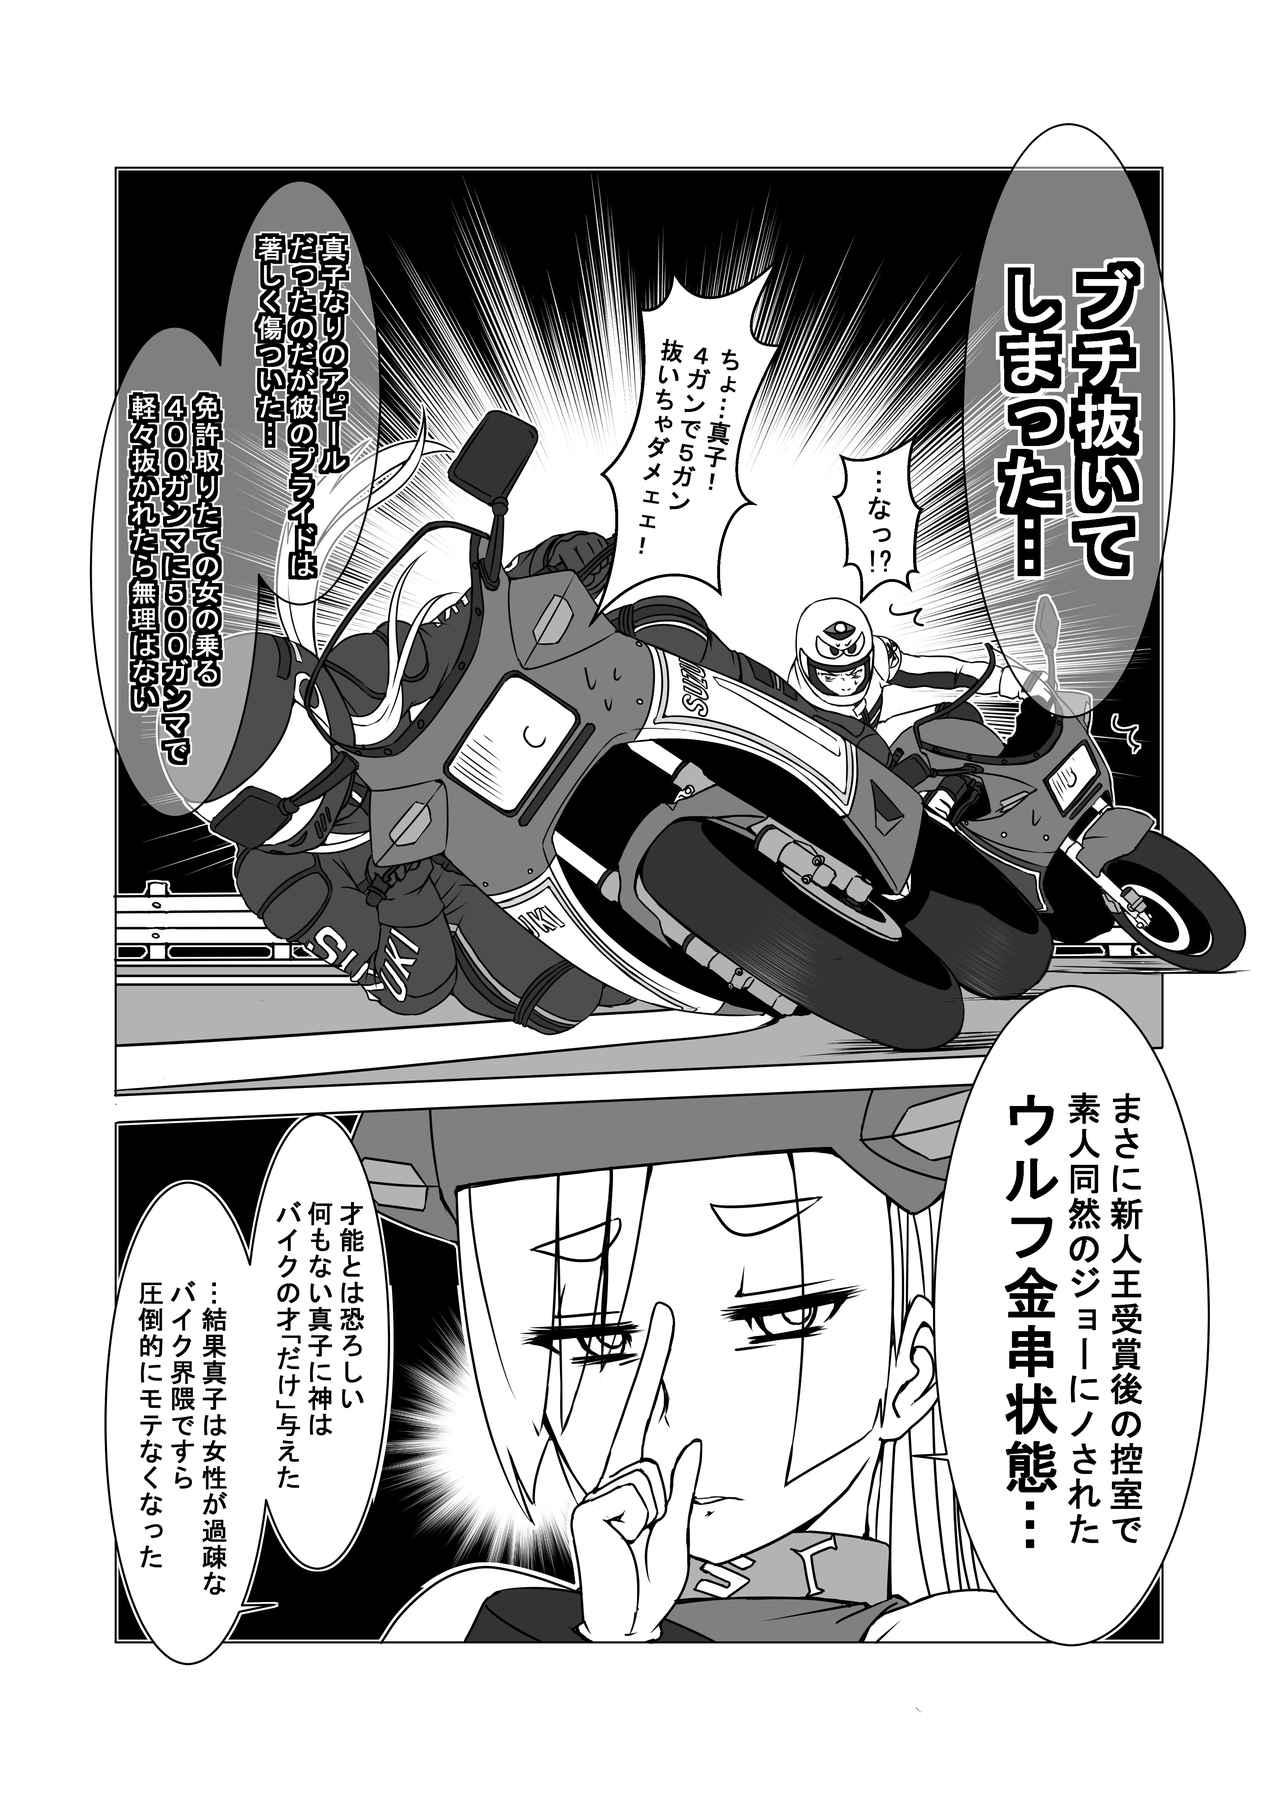 画像4: 『バイク擬人化菌書』連載:モテ期!?(第7話 箱根のジョー!?) 作:鈴木秀吉